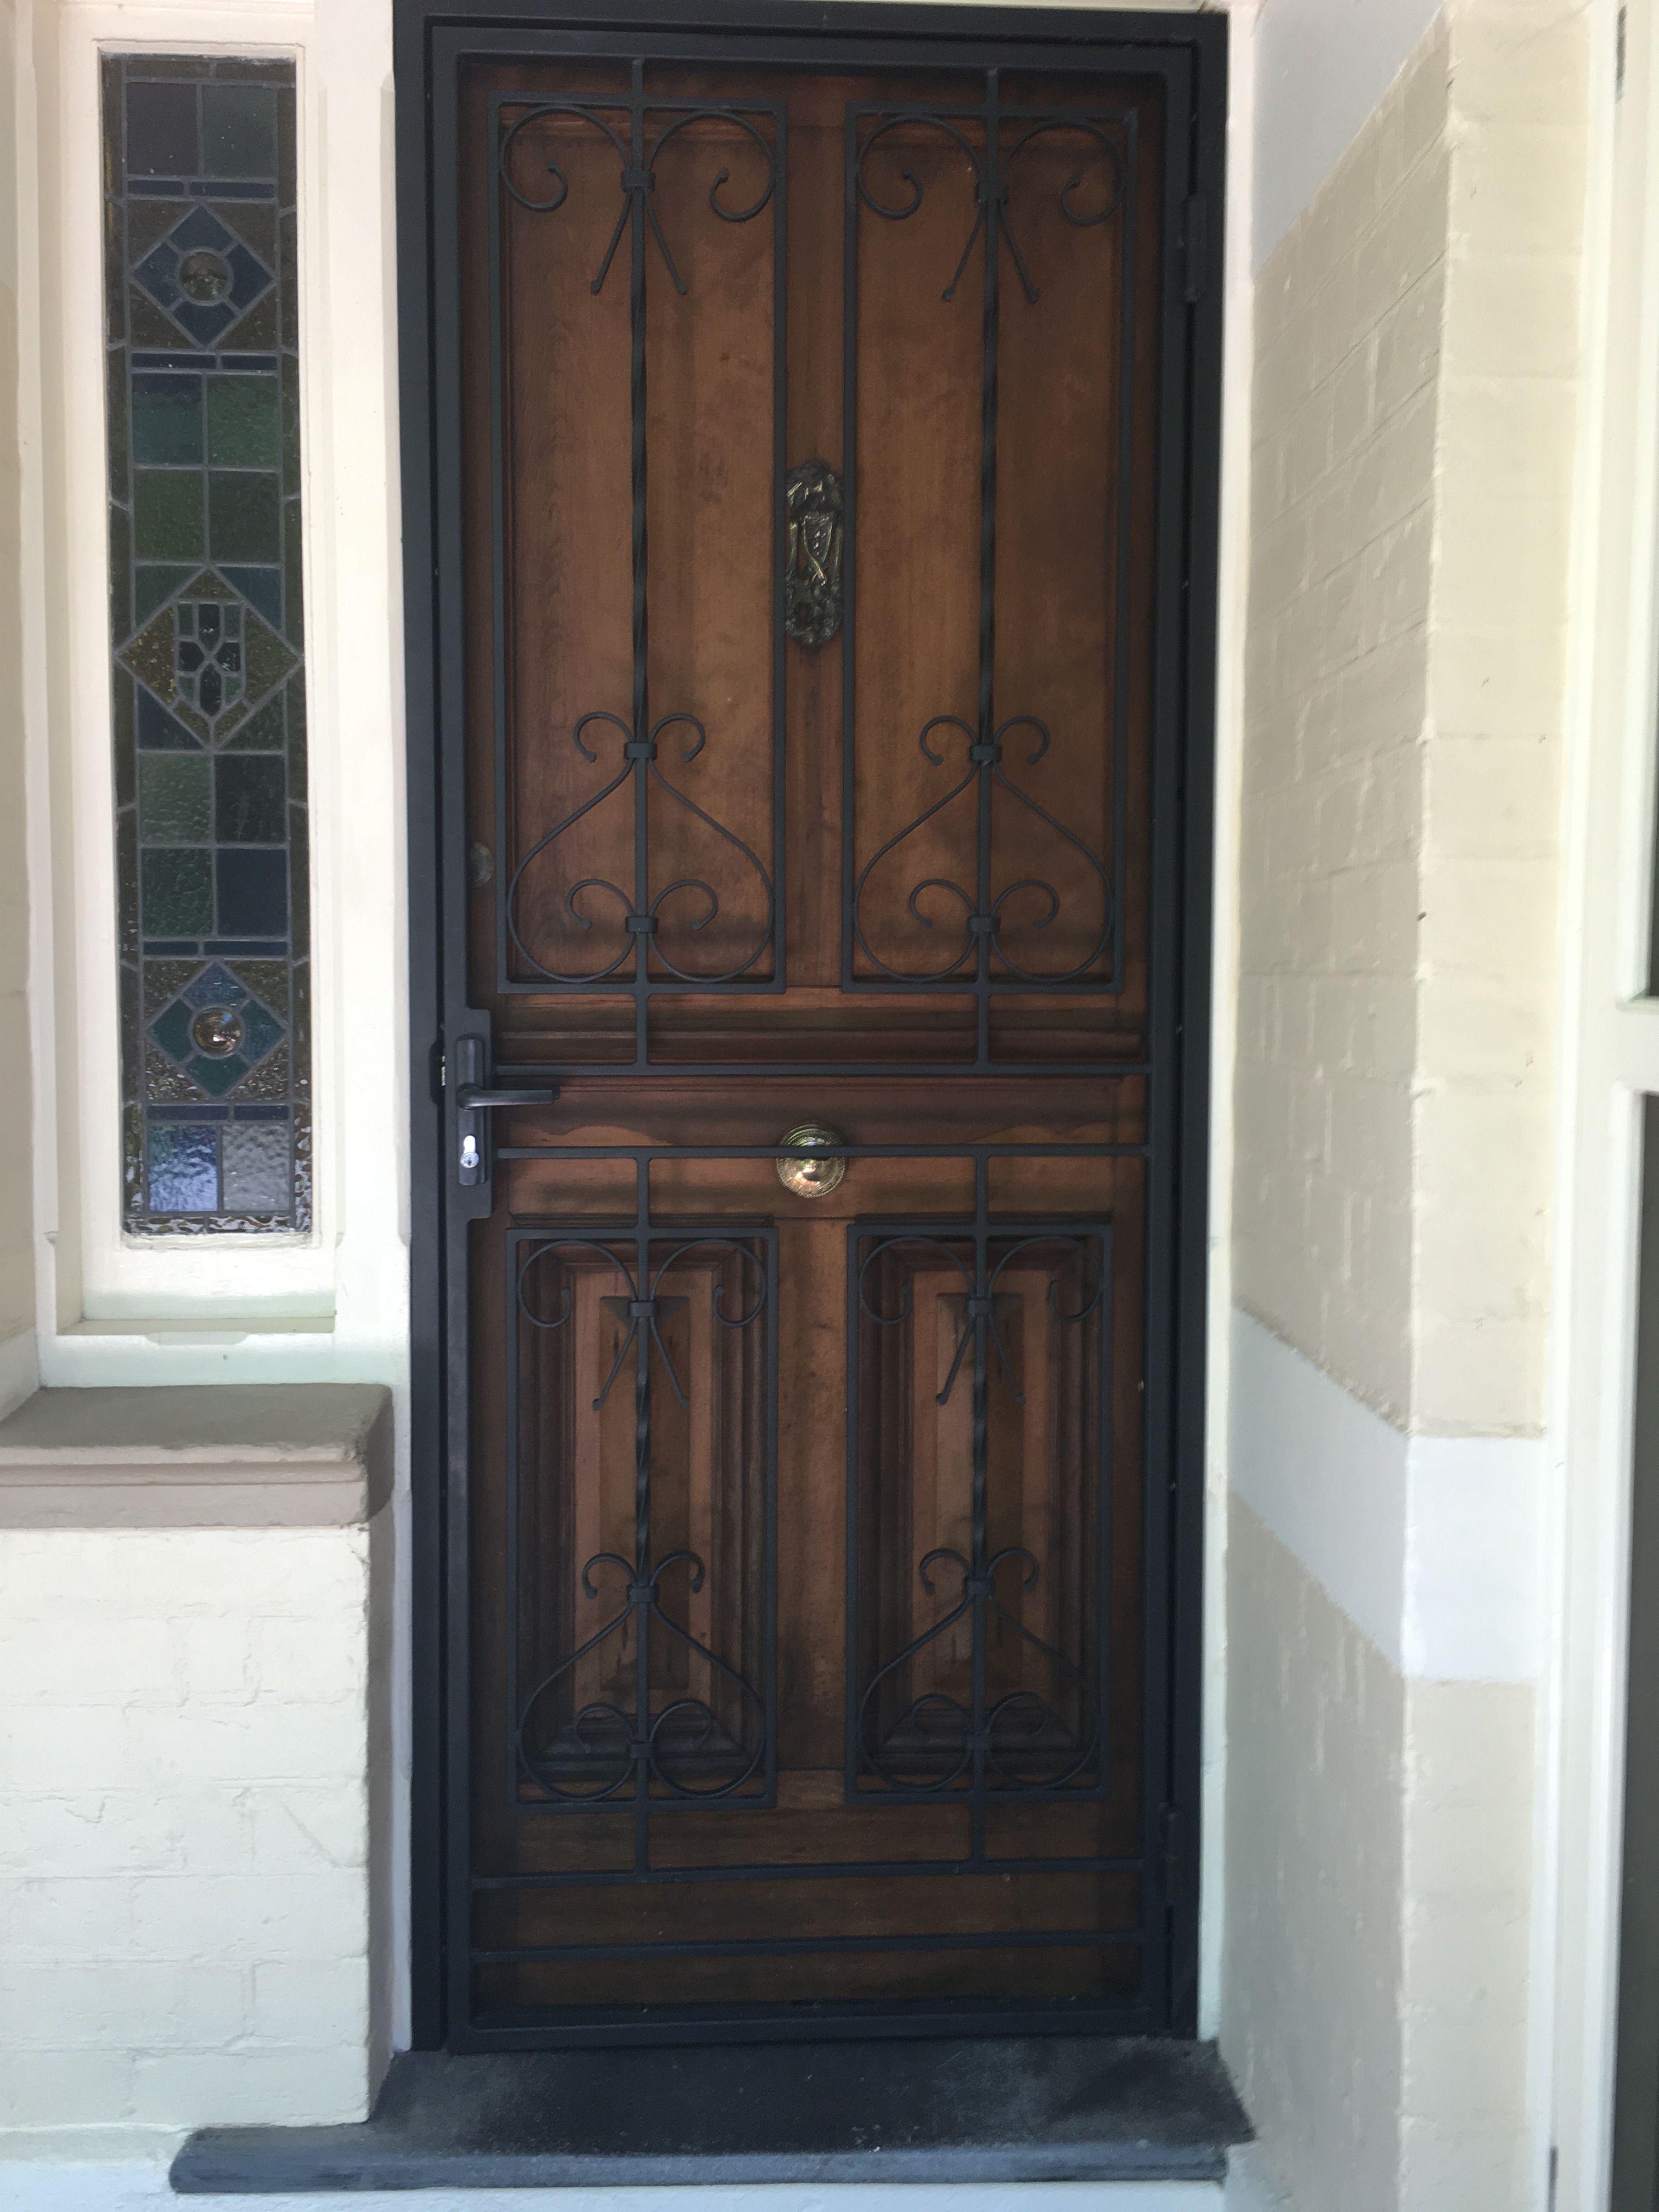 Decorative Security Screen Door Used For Front Door Here But We